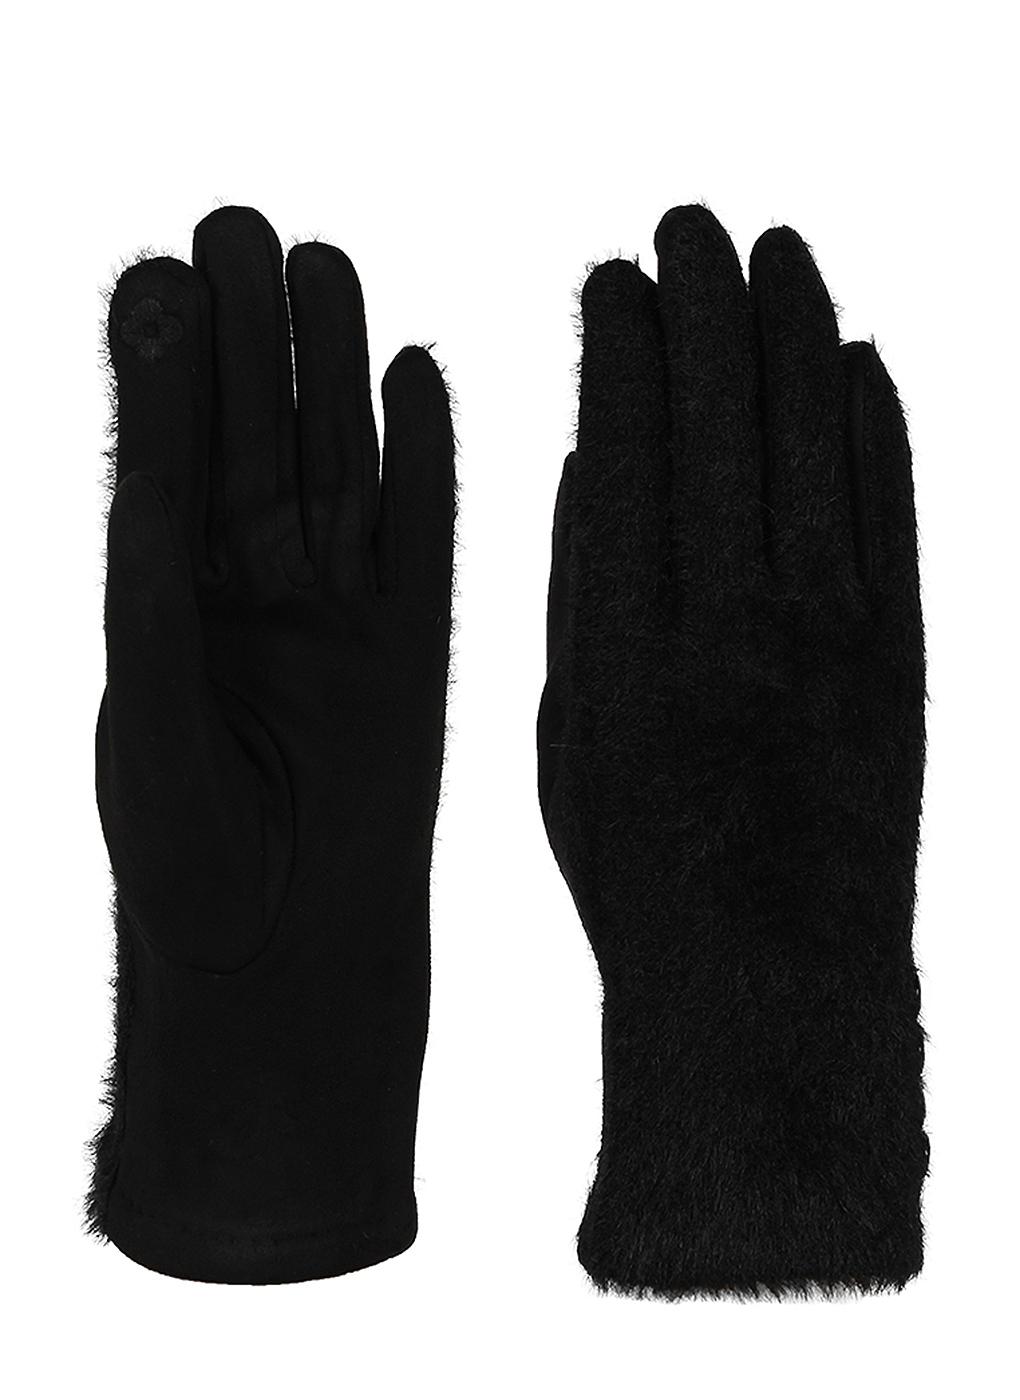 Перчатки женские из трикотажа 61, Lorentino фото